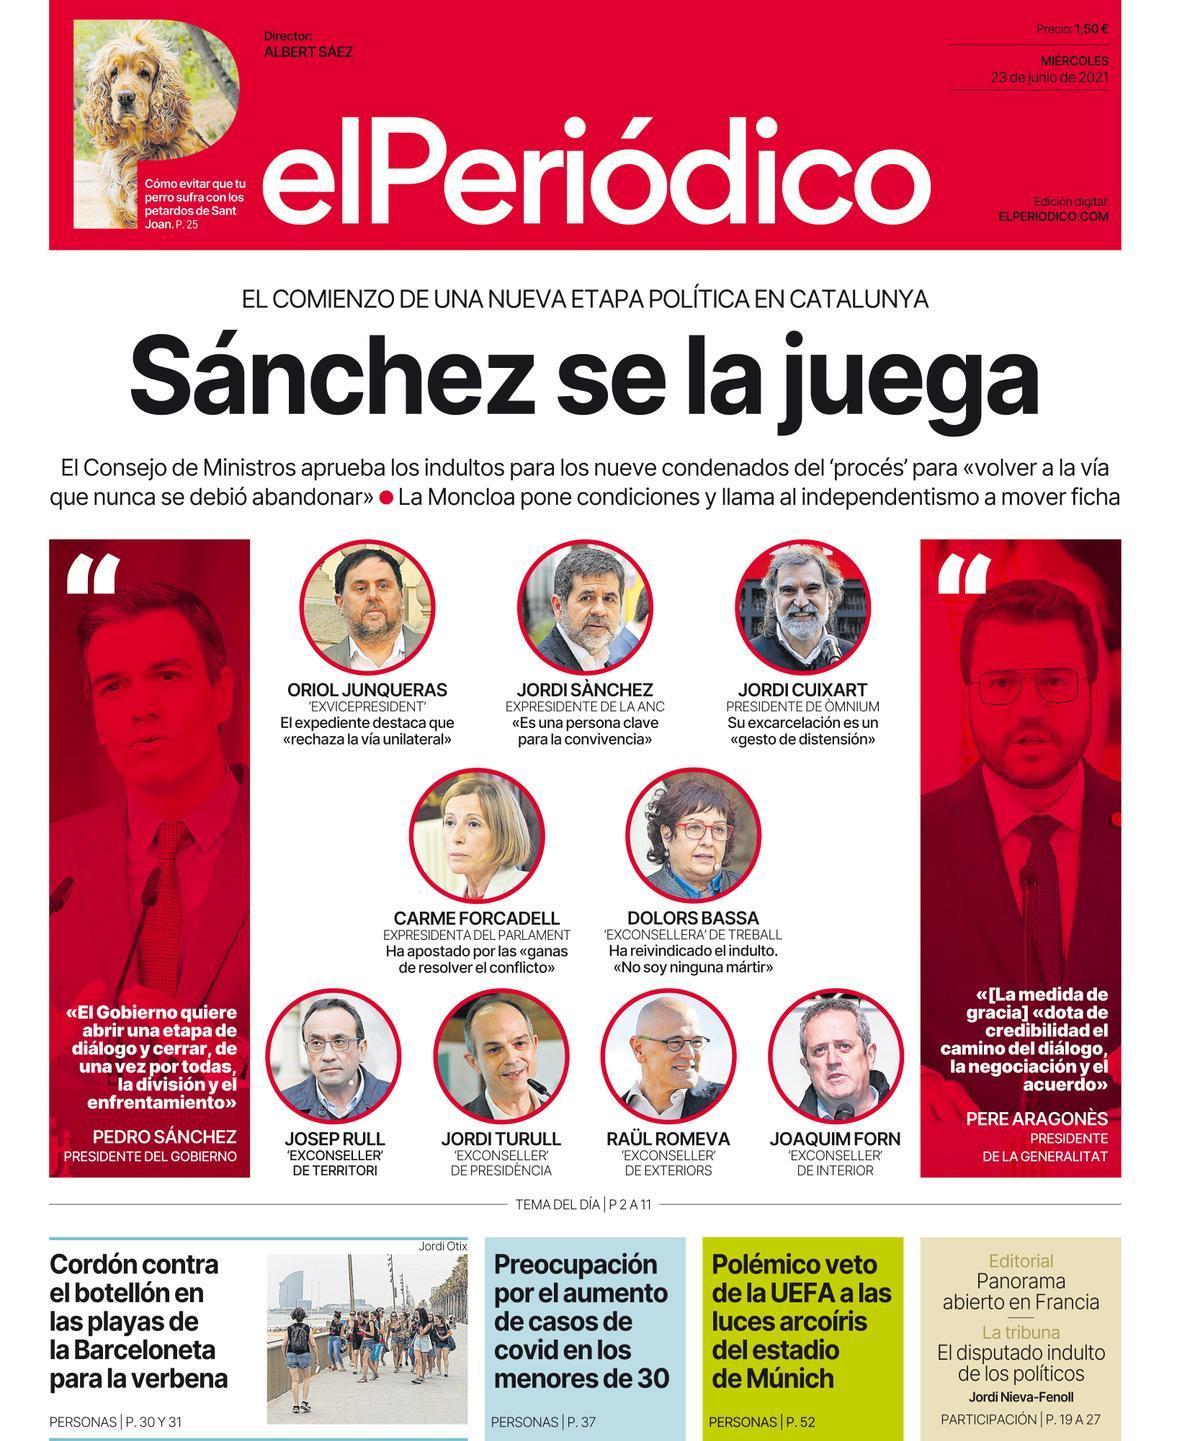 La portada de EL PERIÓDICO del 23 de junio de 2021